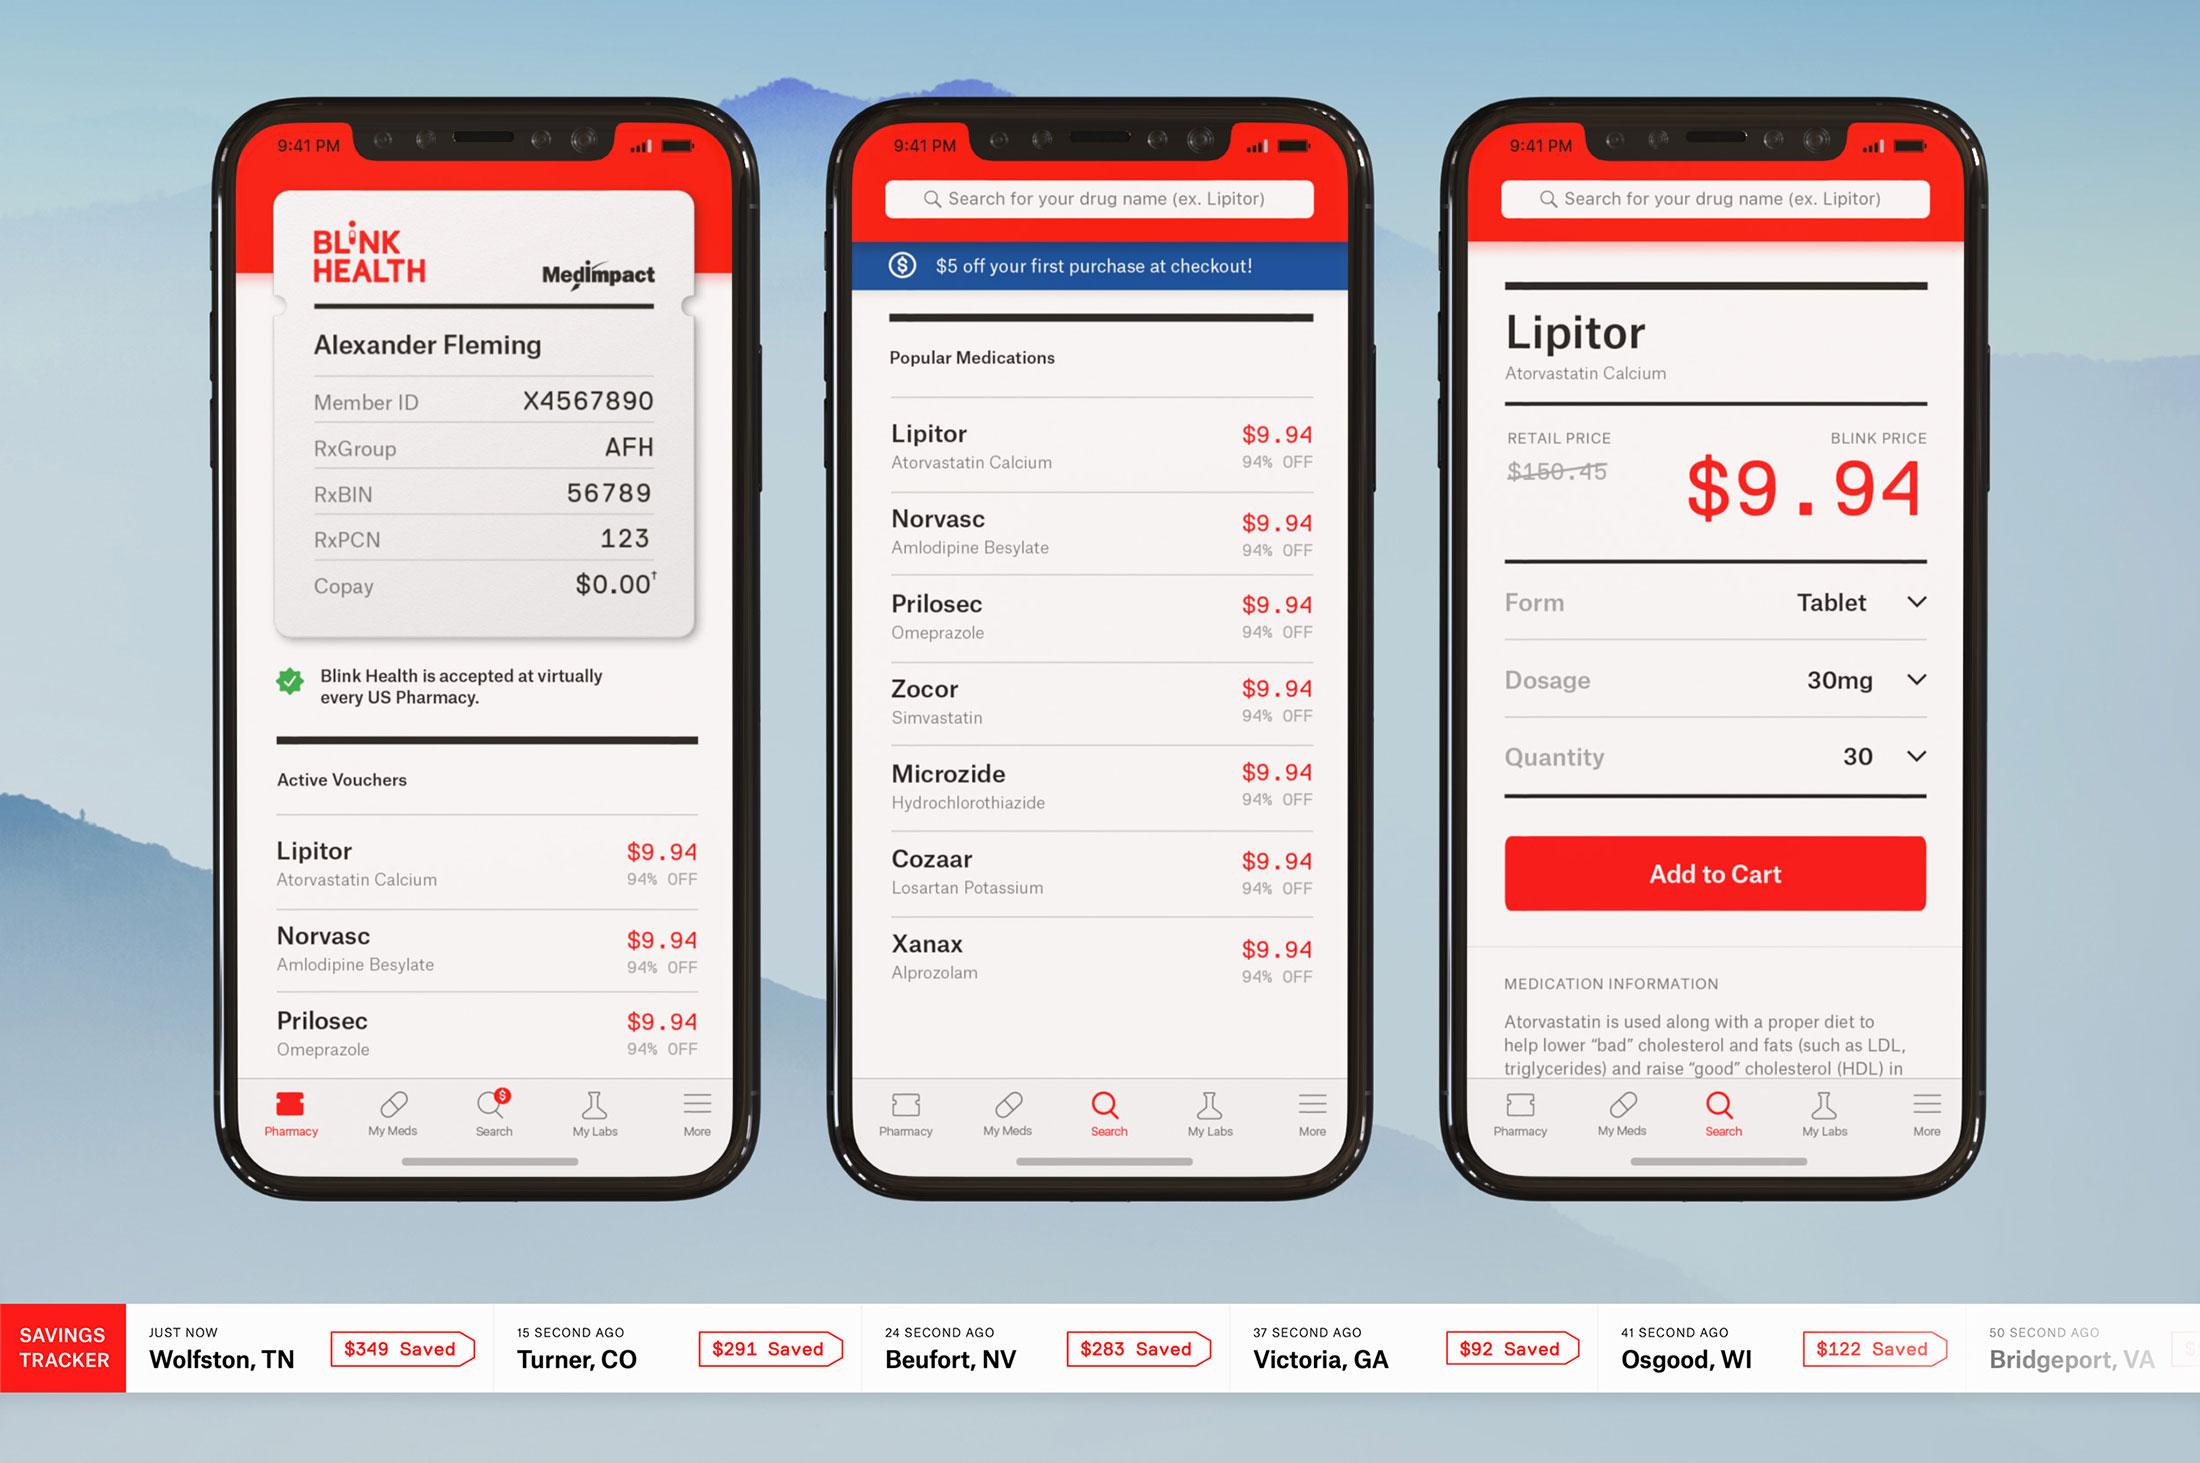 App Design for Blink Health